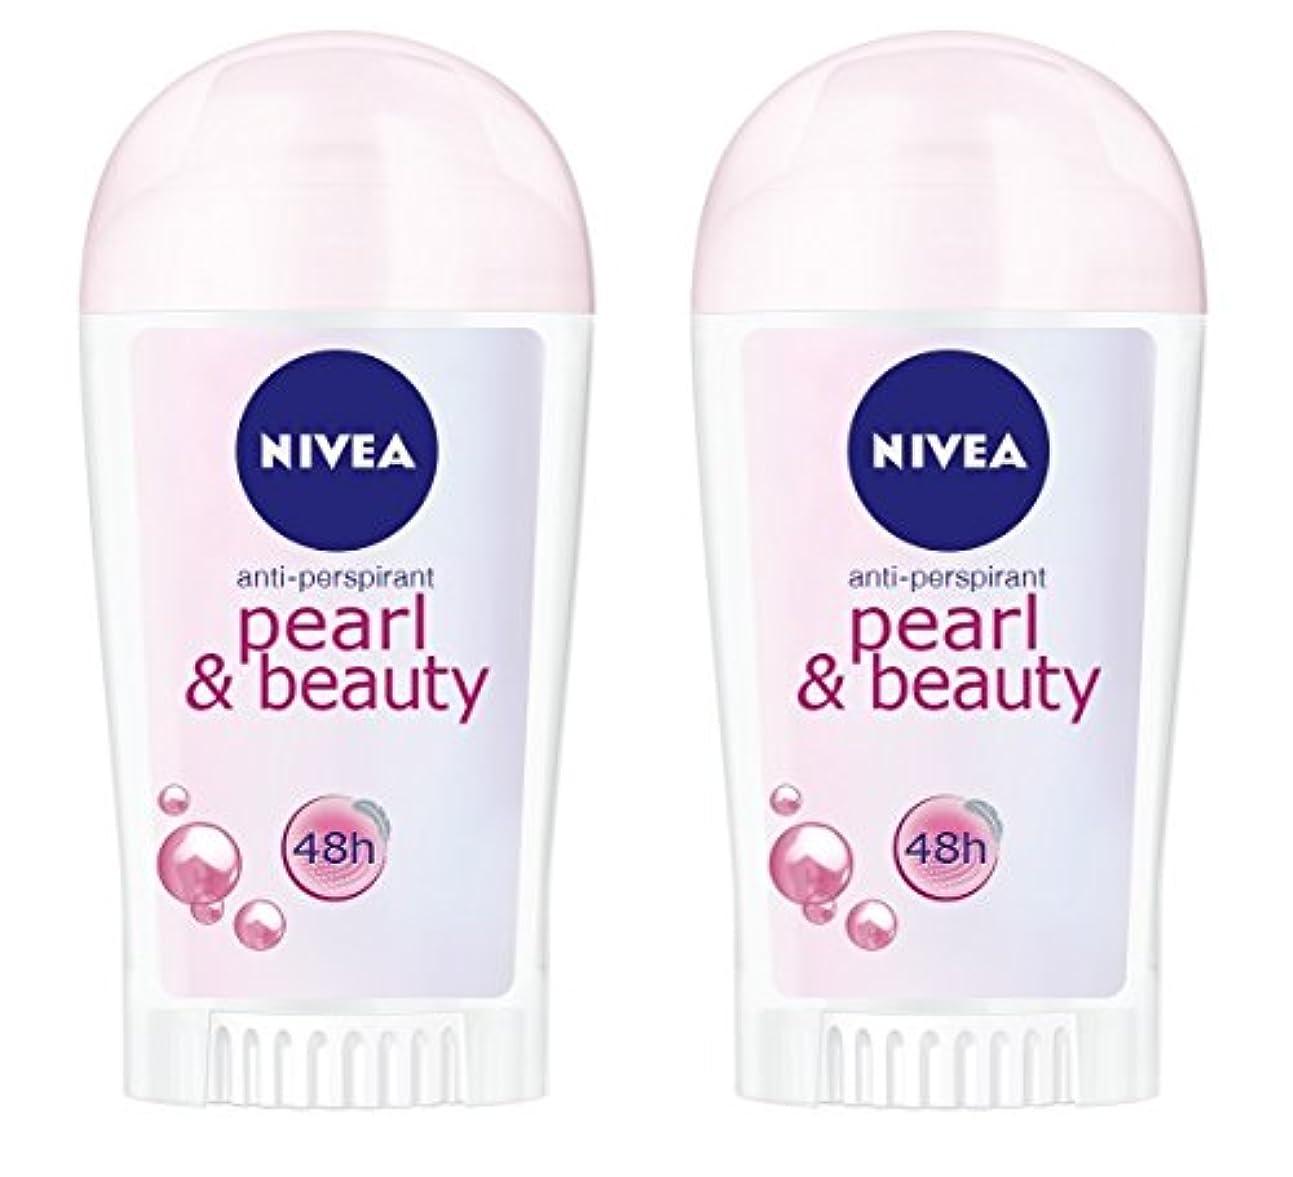 うがいレンズ素晴らしき(2パック) ニベアパールそしてビューティー制汗剤デオドラントスティック女性のための2x40ml - (Pack of 2) Nivea Pearl & Beauty Anti-perspirant Deodorant...